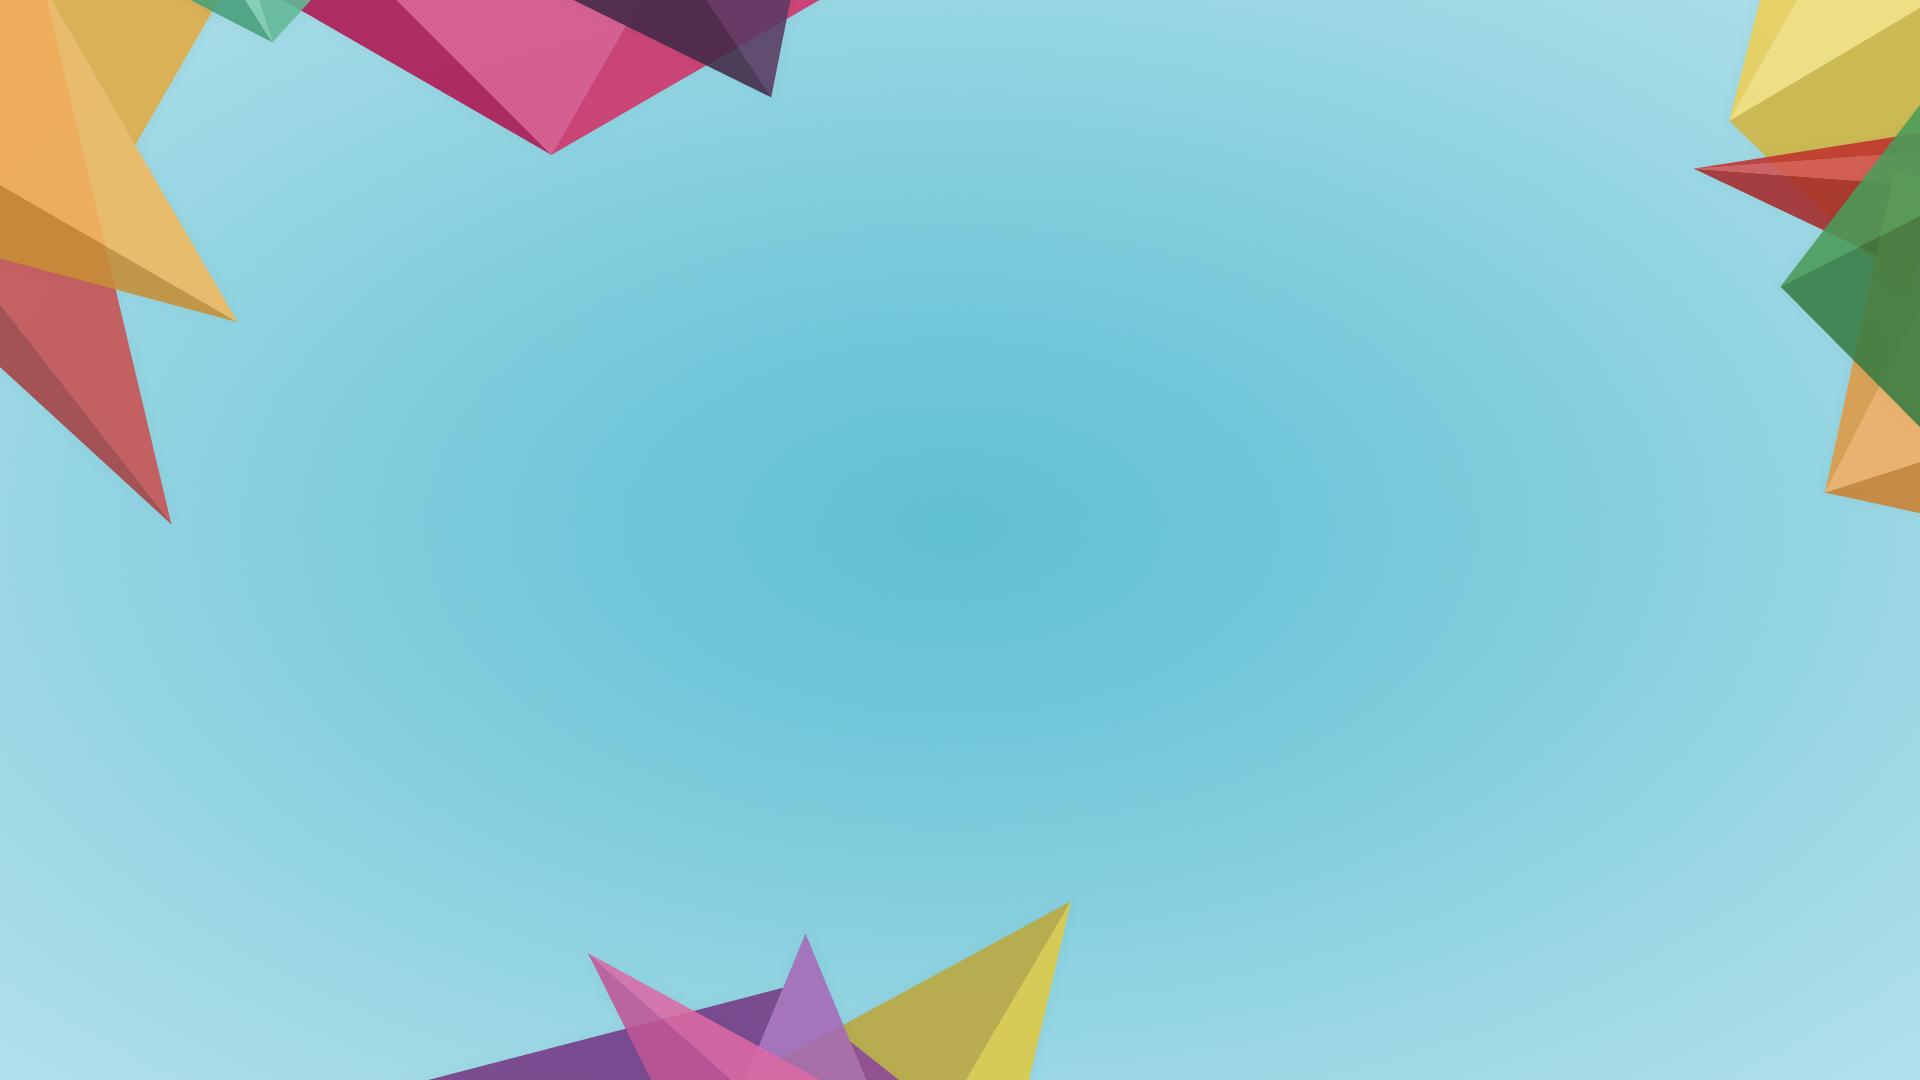 Бесплатные бекграунды (фоны) в стиле минимализм